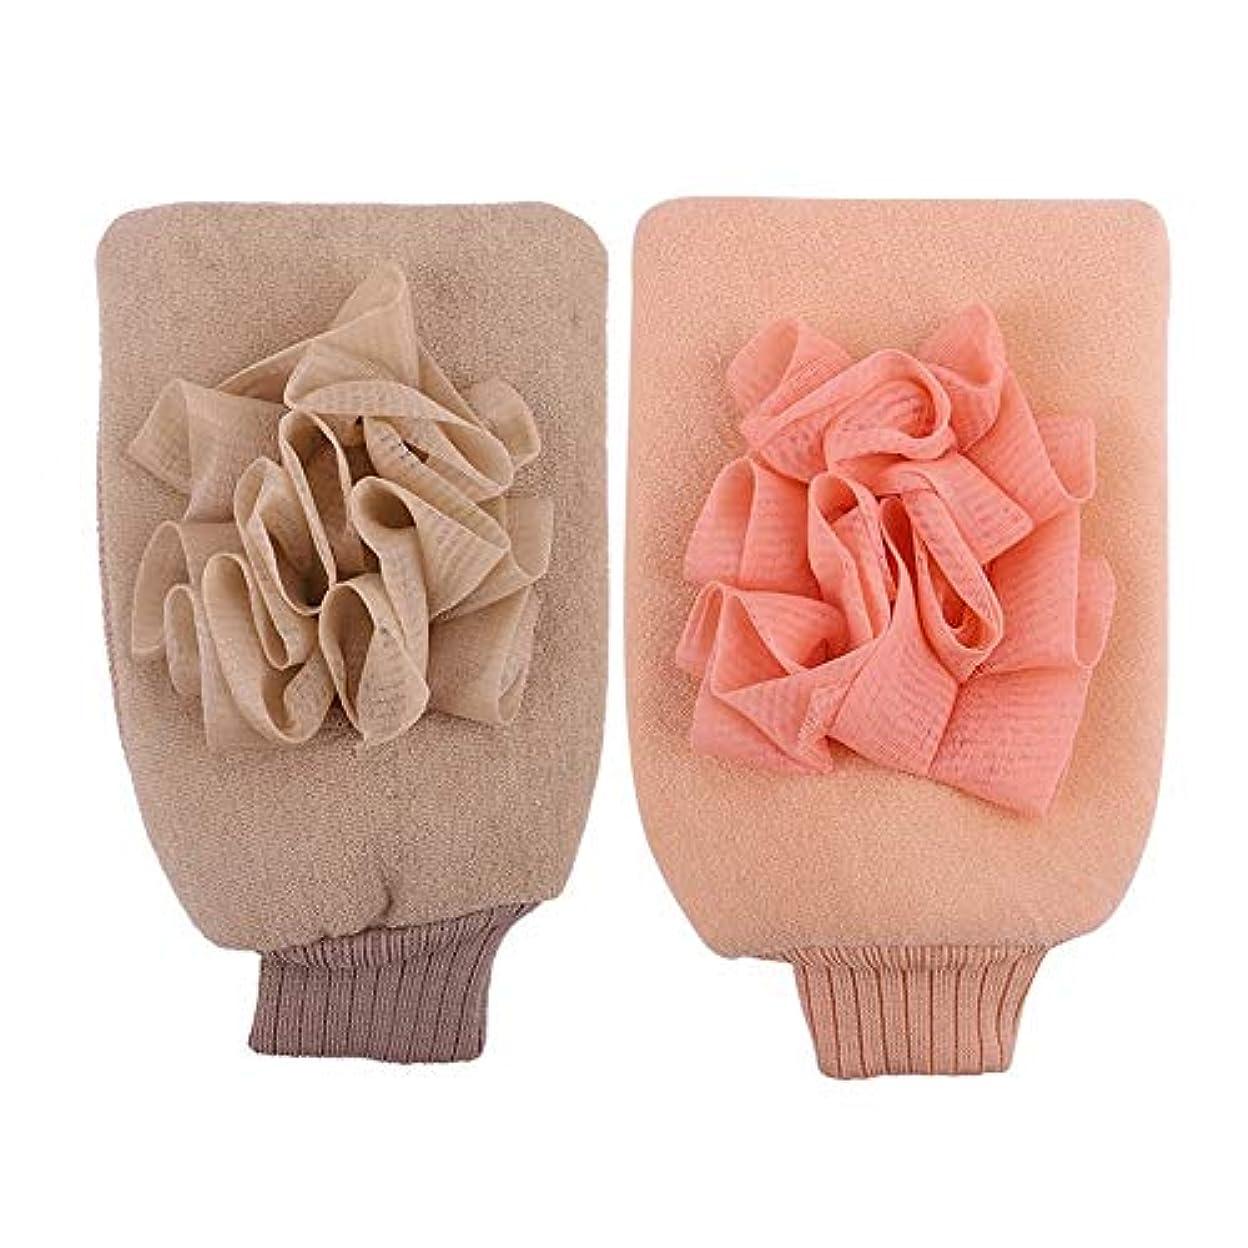 外部マントルすすり泣きBTXXYJP お風呂用手袋 シャワー手袋 あかすり手袋 ボディブラシ やわらか ボディタオル バス用品 男女兼用 角質除去 (Color : Pink+beige)